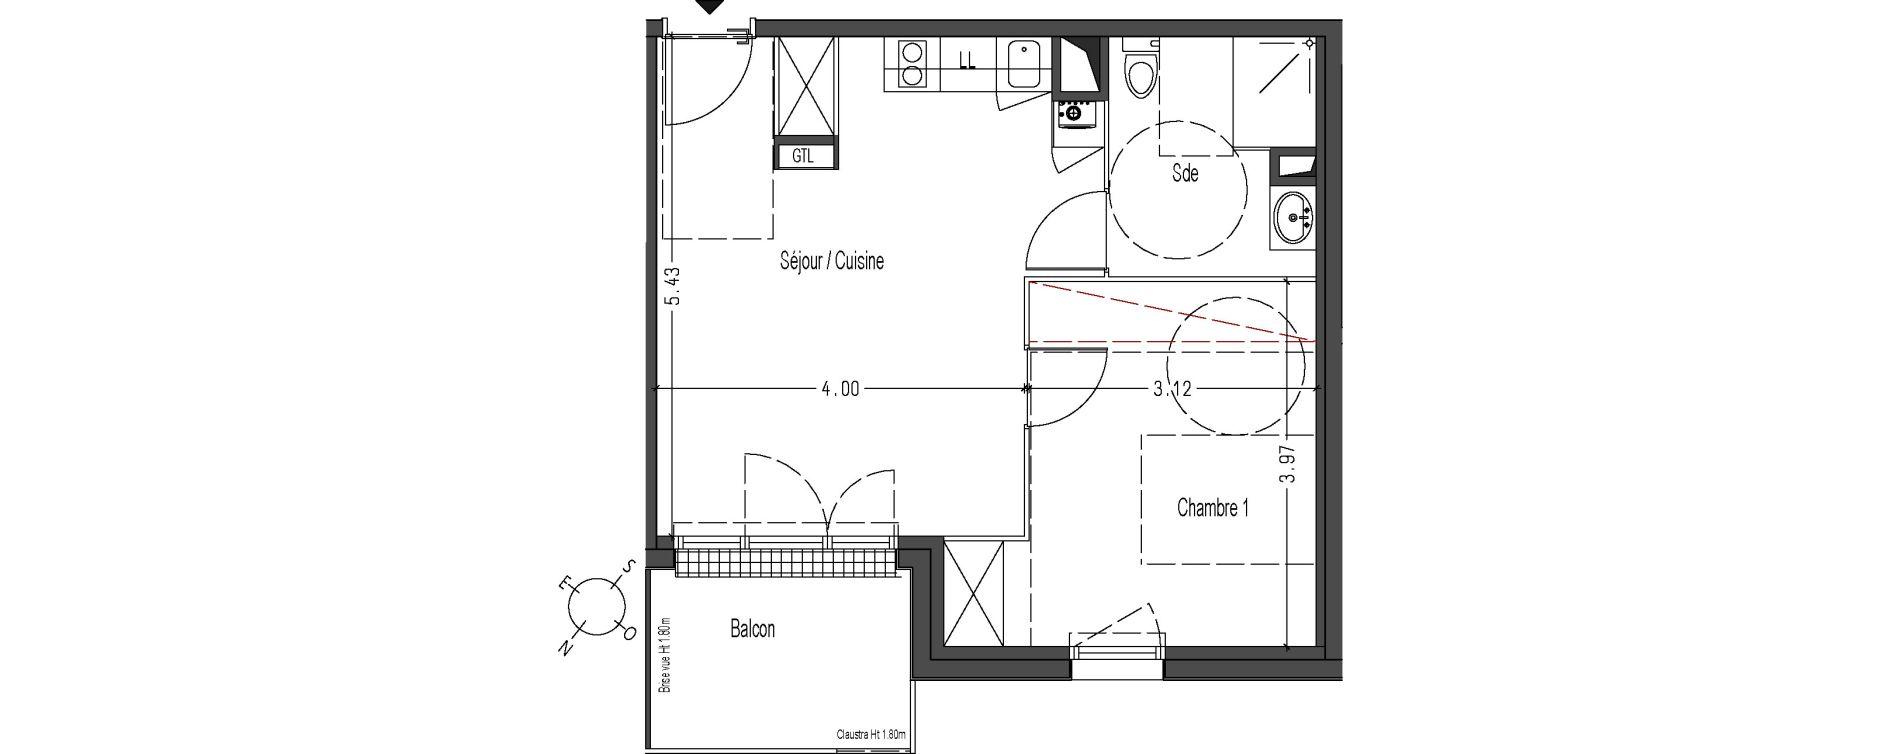 Appartement T2 De 42 40m2 4eme Etage No Art Nouveau Cenon